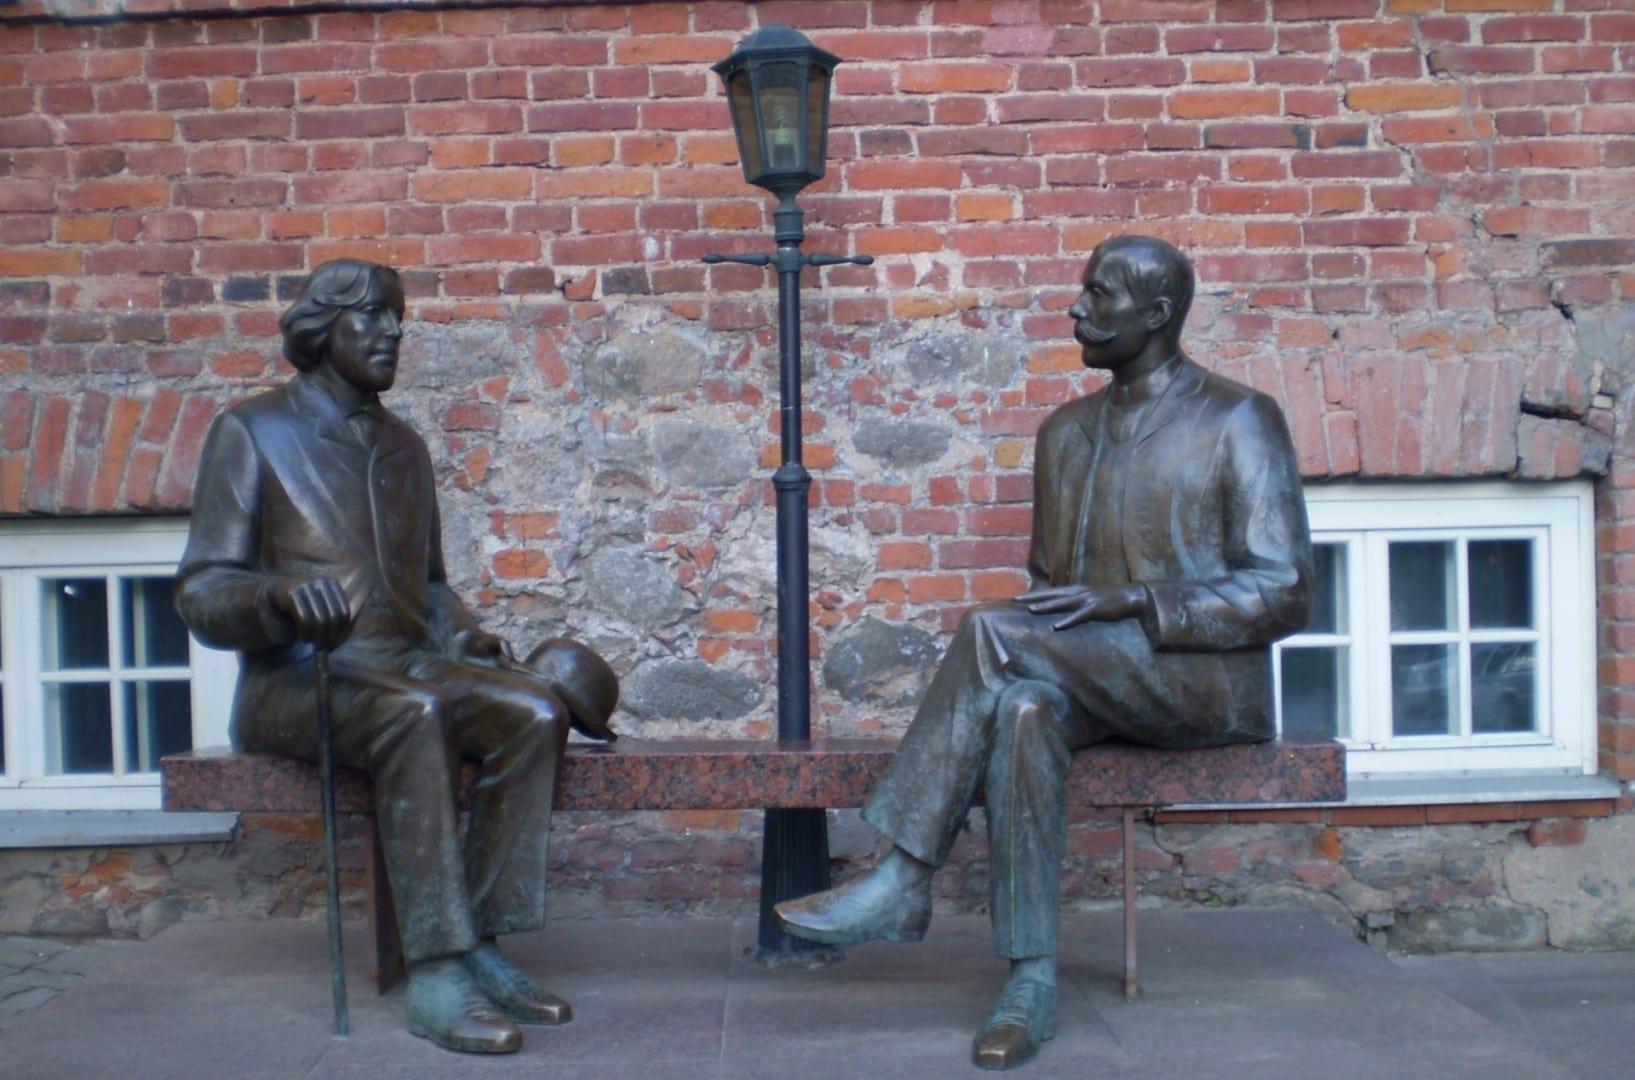 La estatua de Oscar Wilde y Eduard Vilde en Tartu Tartu Estonia